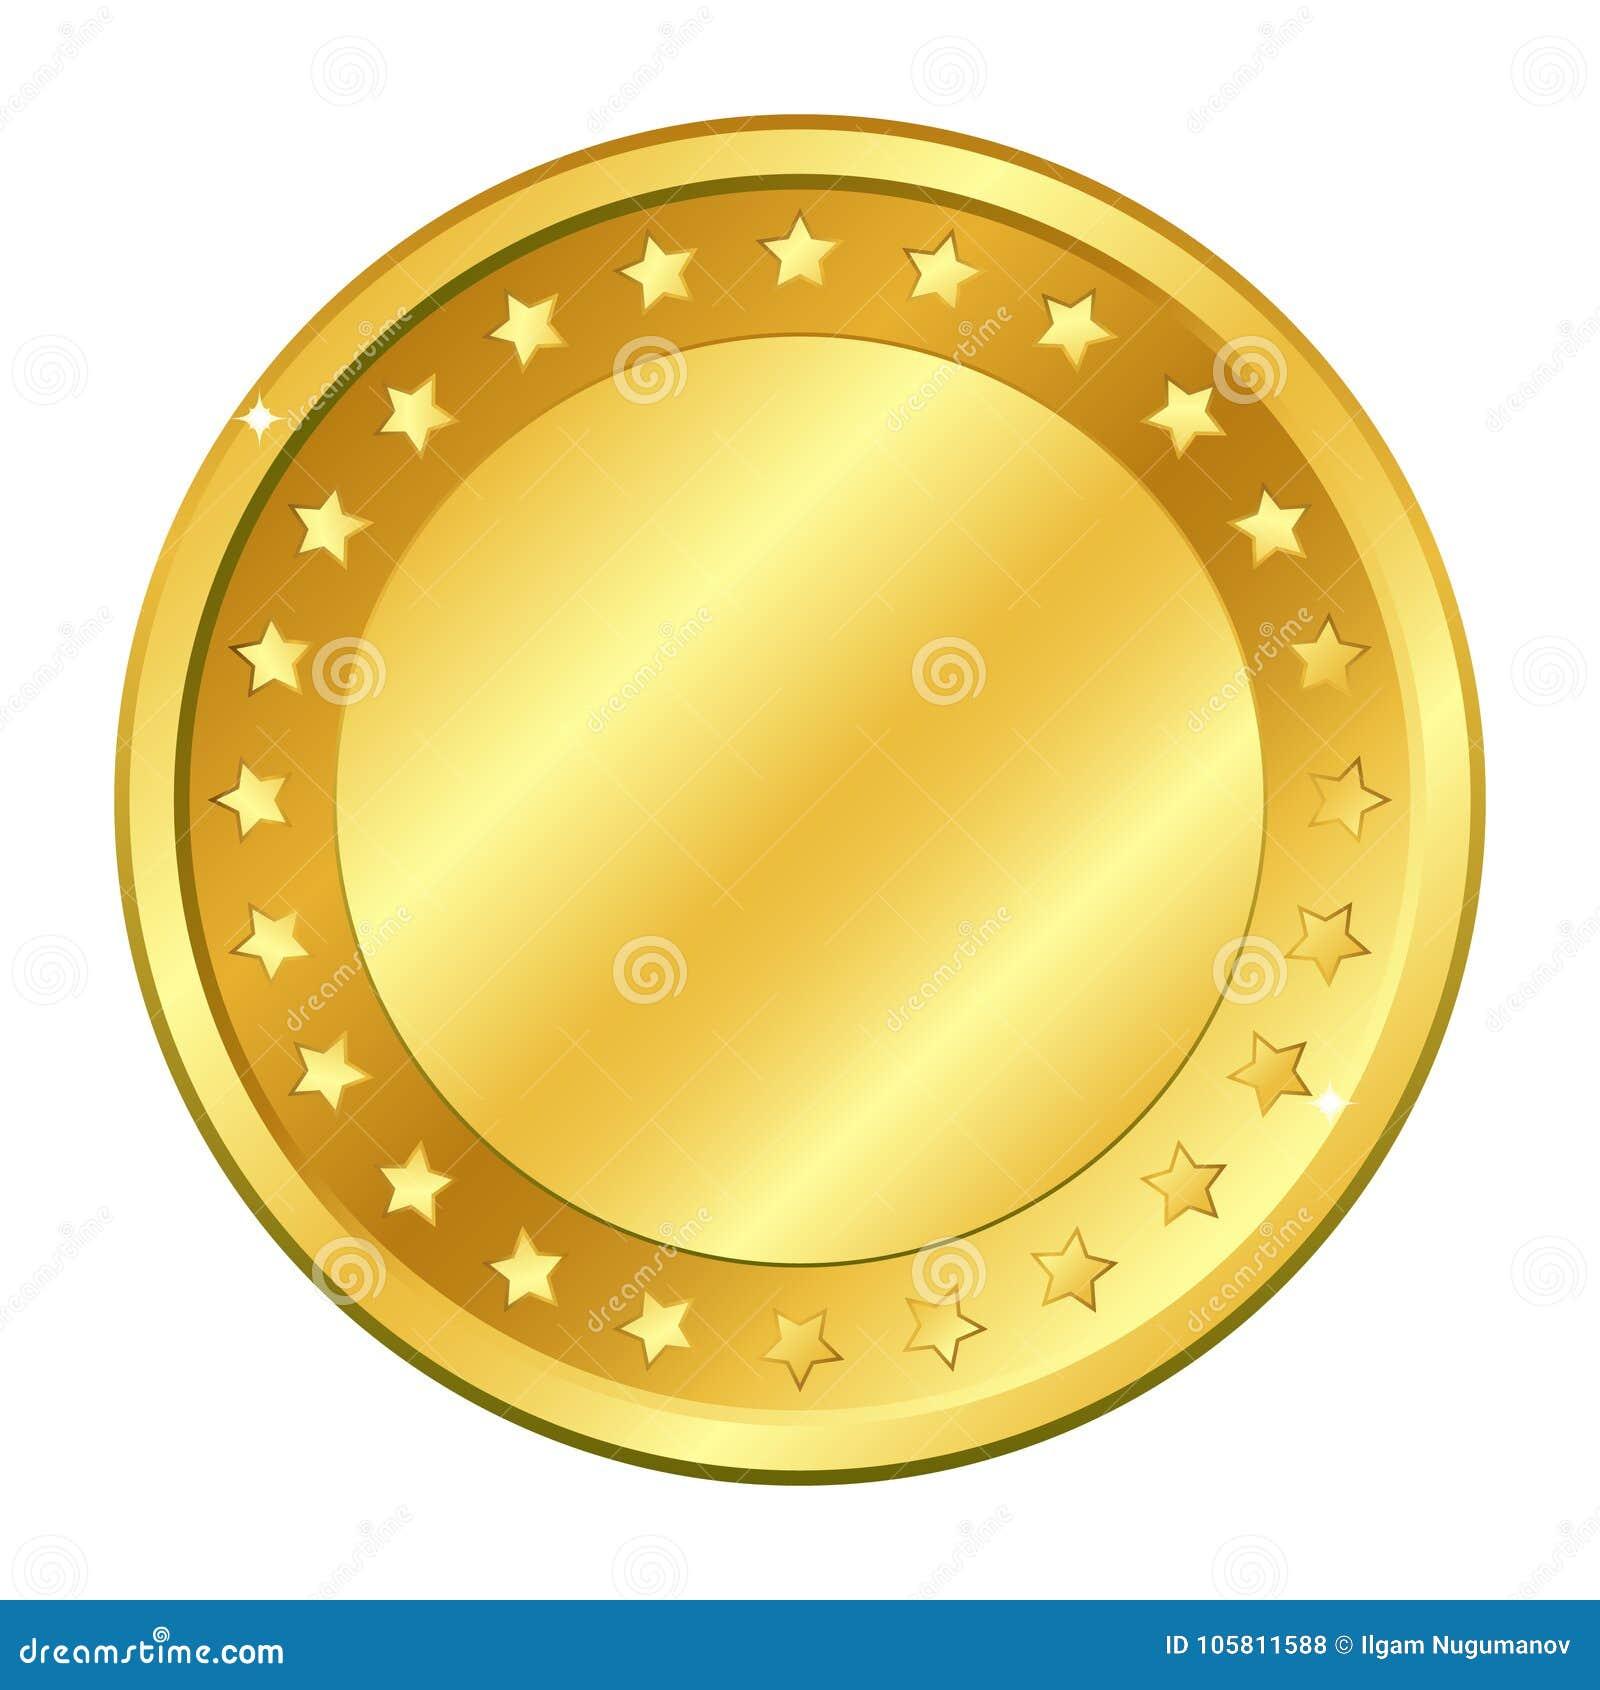 Χρυσό νόμισμα με τα αστέρια Διανυσματική απεικόνιση που απομονώνεται στην άσπρη ανασκόπηση Στοιχεία και έντονο φως Editable